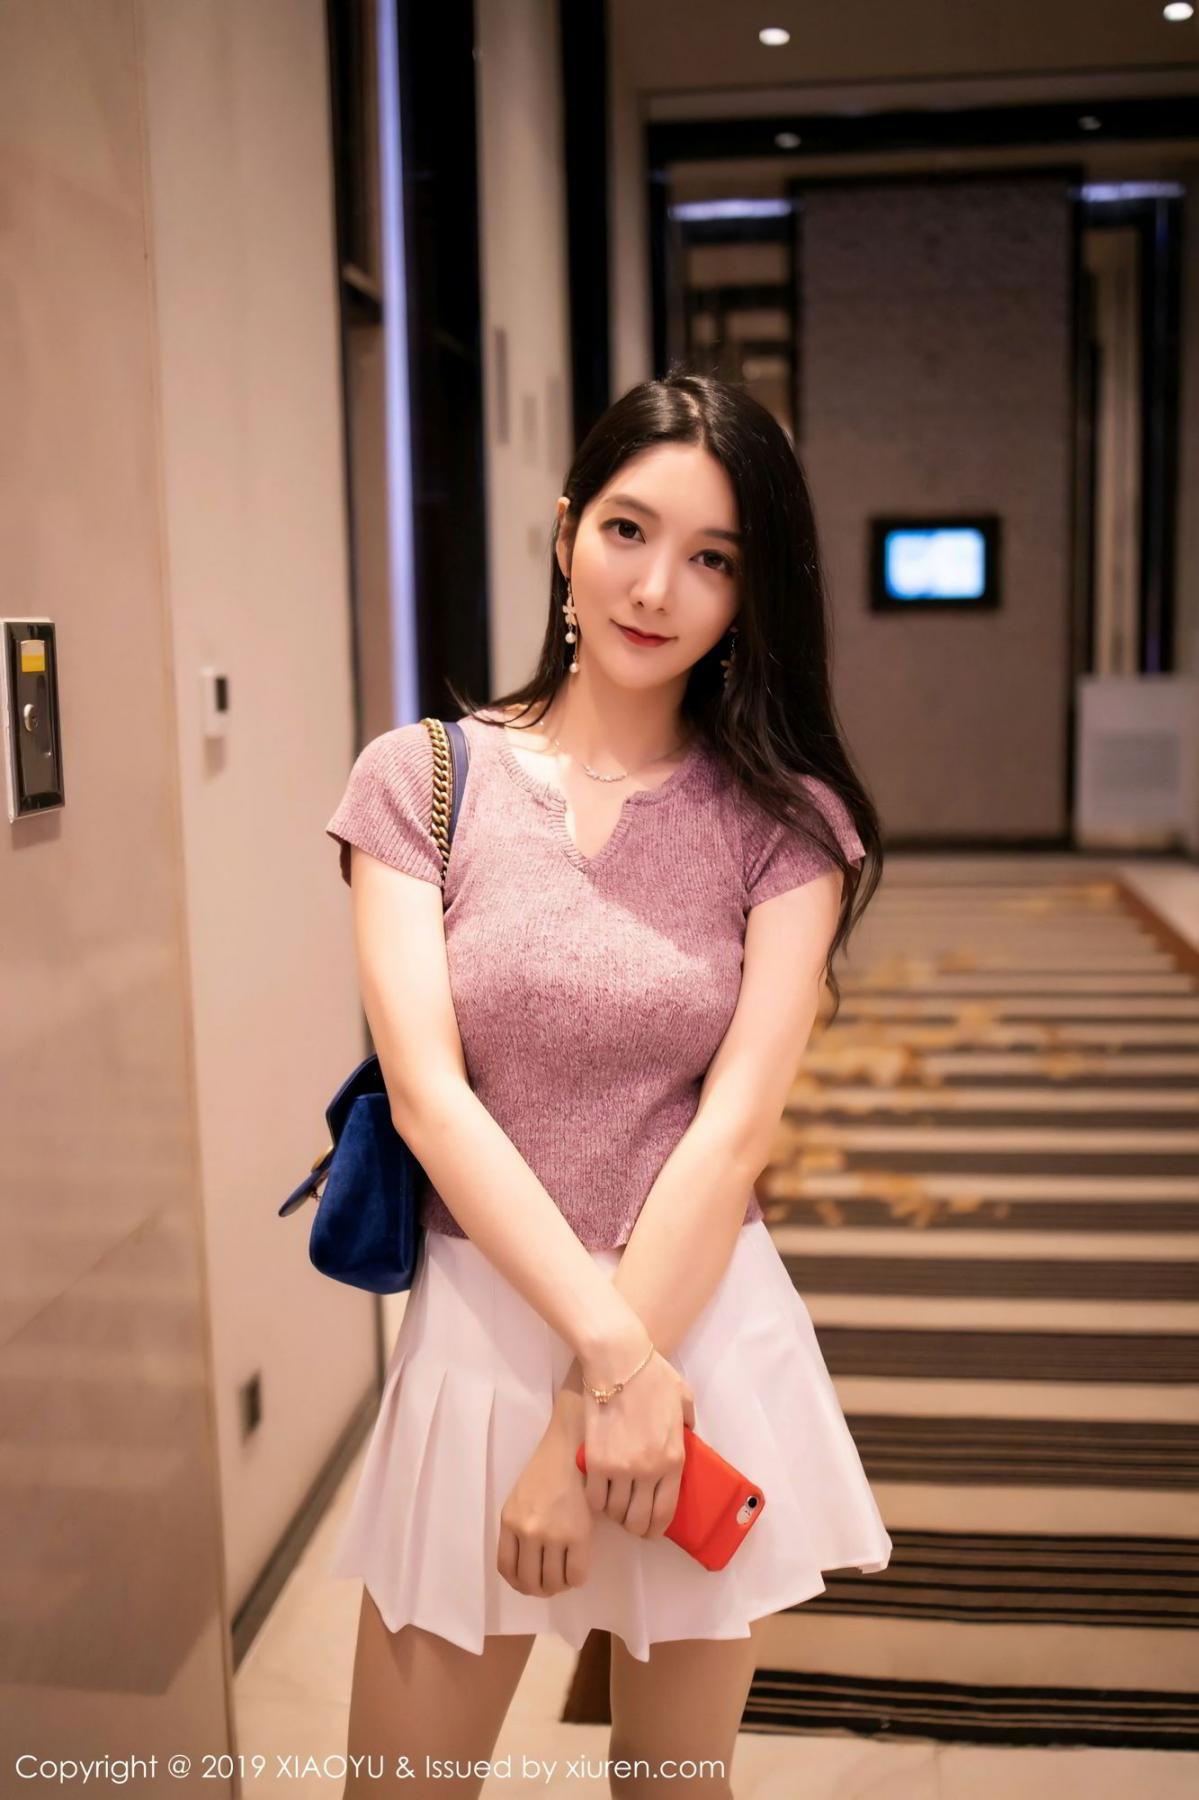 [XiaoYu] Vol.132 Di Yi 6P, Di Yi, Tall, XiaoYu